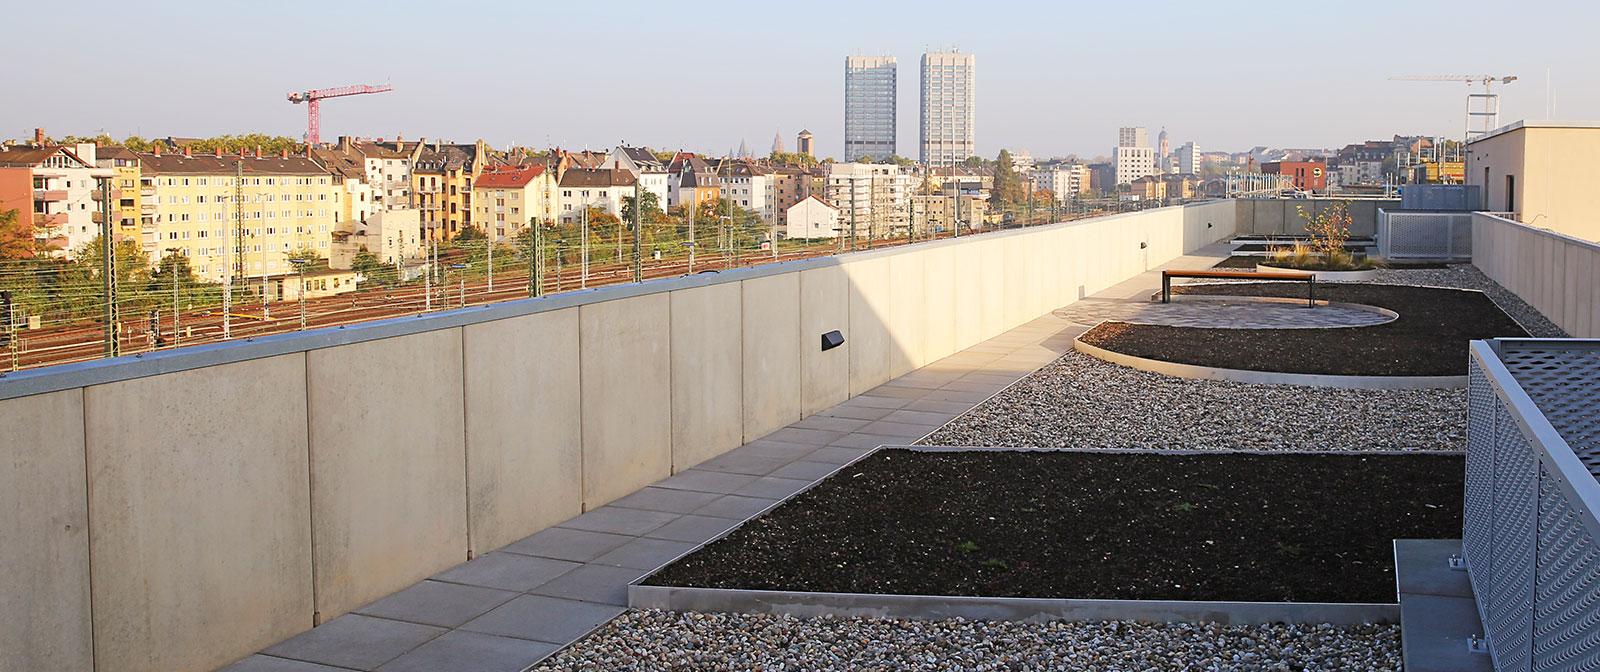 09_Dachterrasse-1_1600x672px